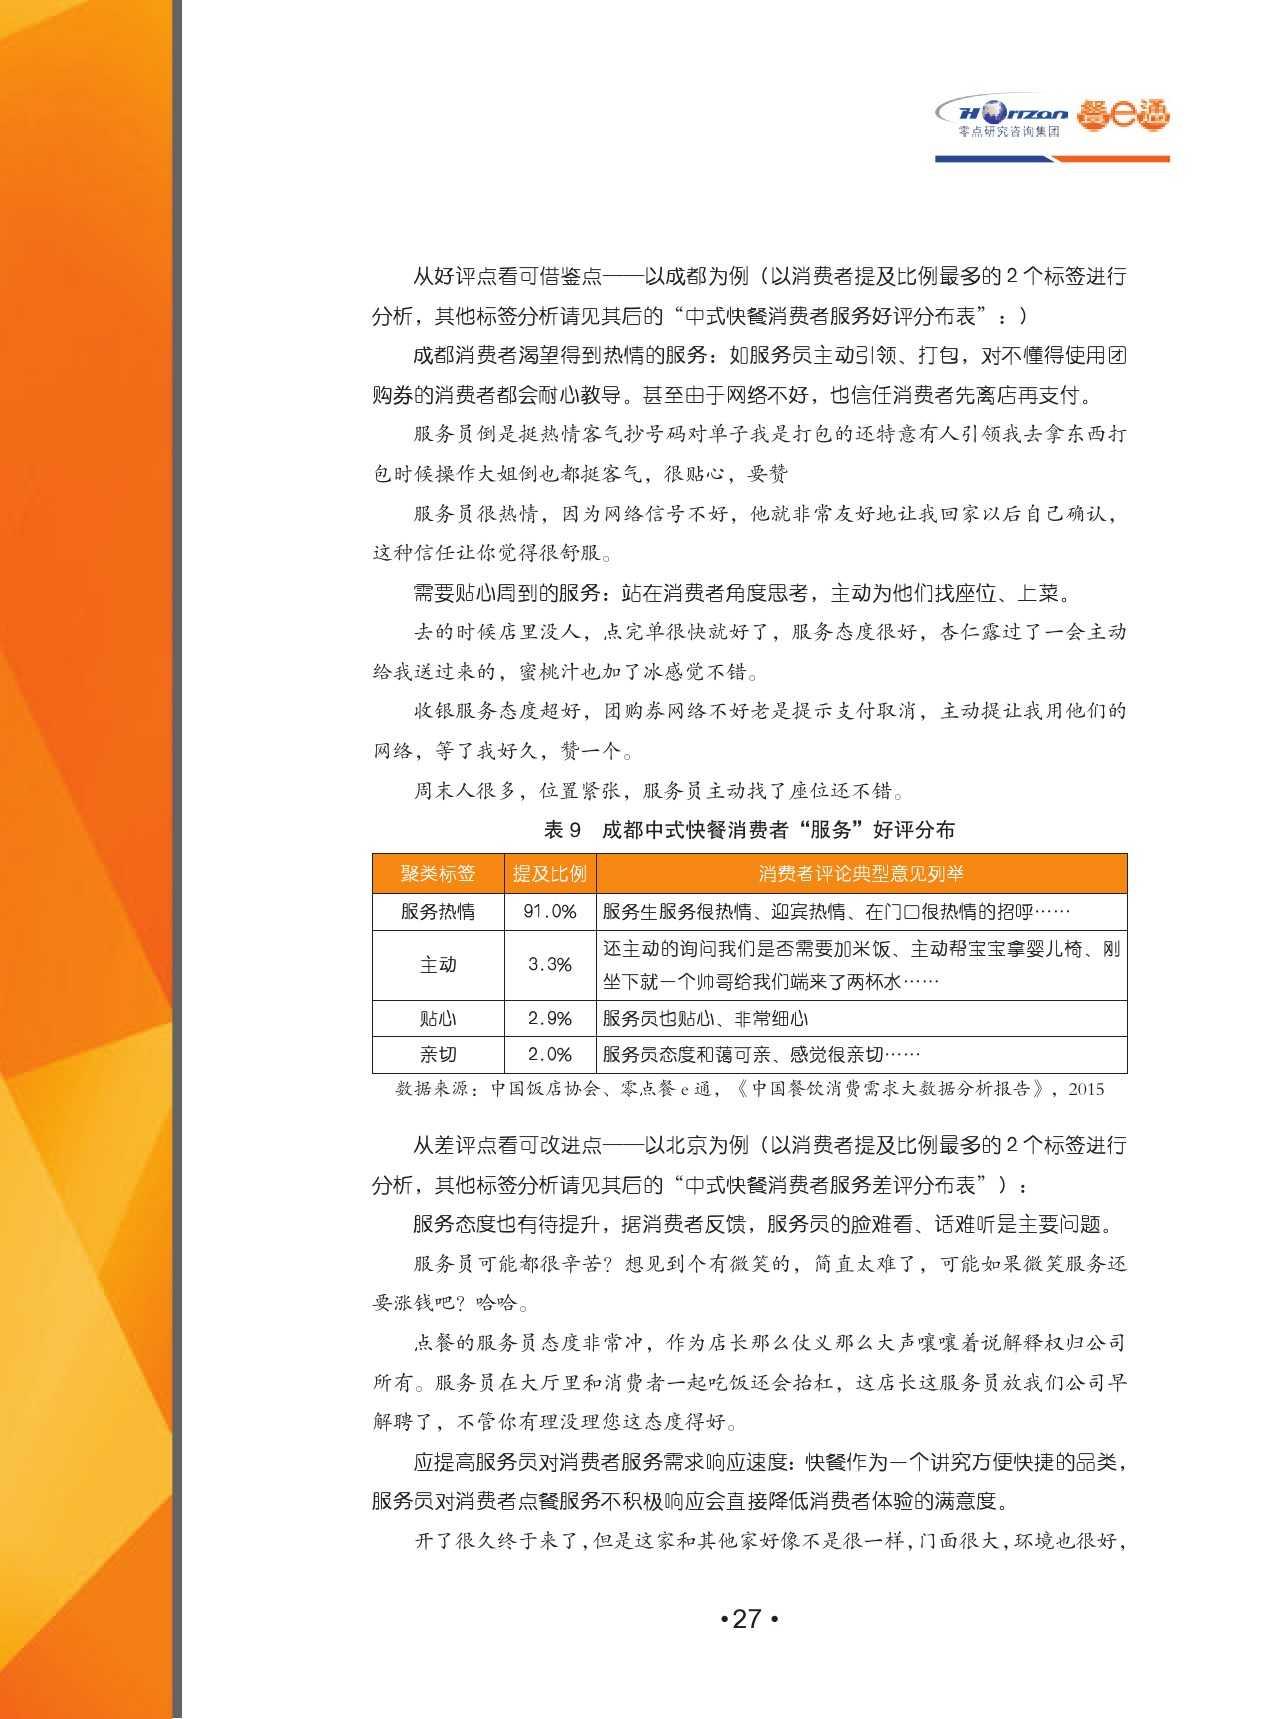 2015中国餐饮消费需求大数据分析报告_000029